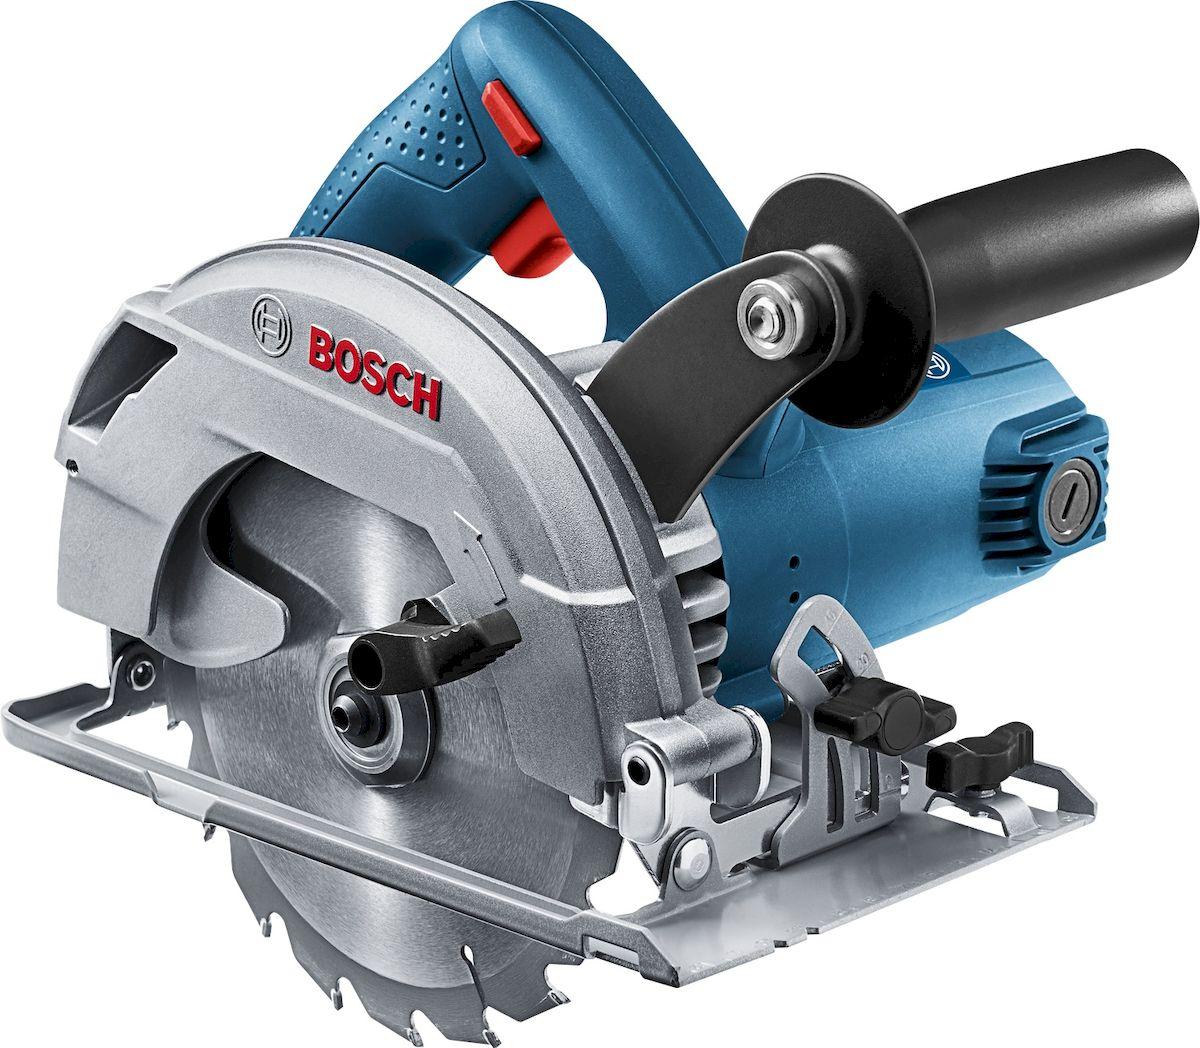 Пила циркулярная Bosch GKS 600. 06016A9020 дисковая пила bosch gks 65 gce 0601668901